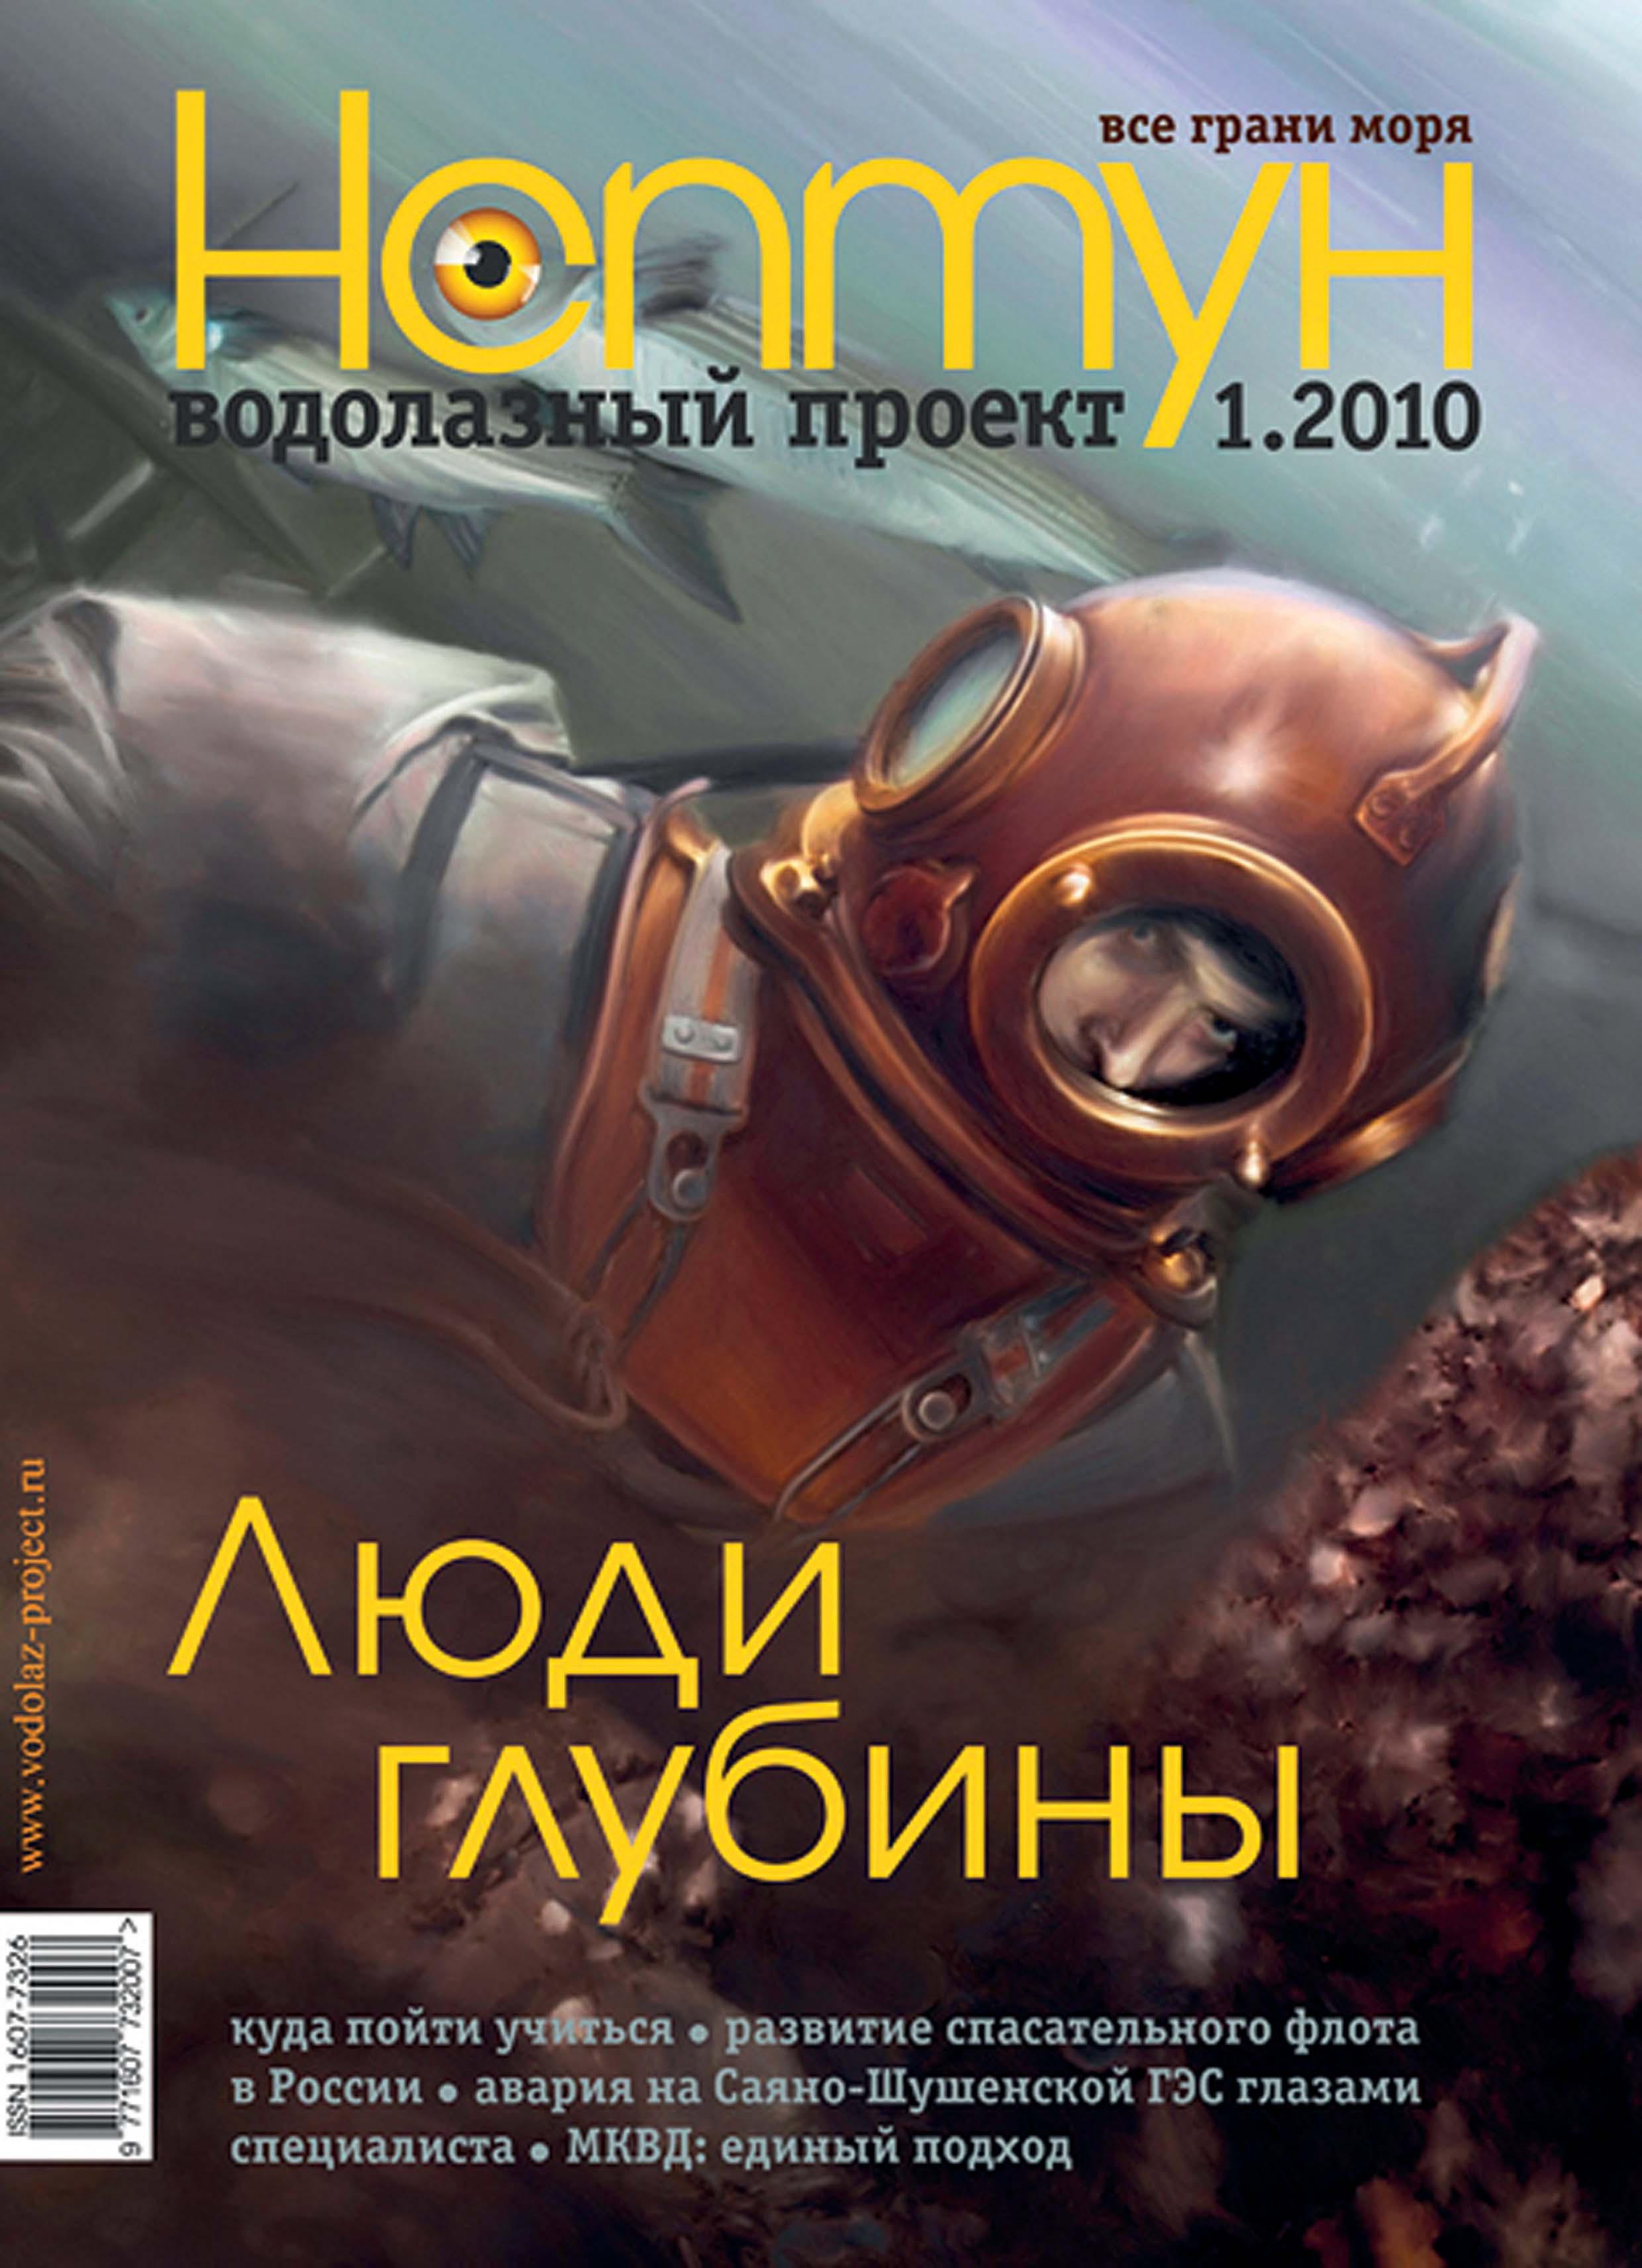 Нептун №1/2010